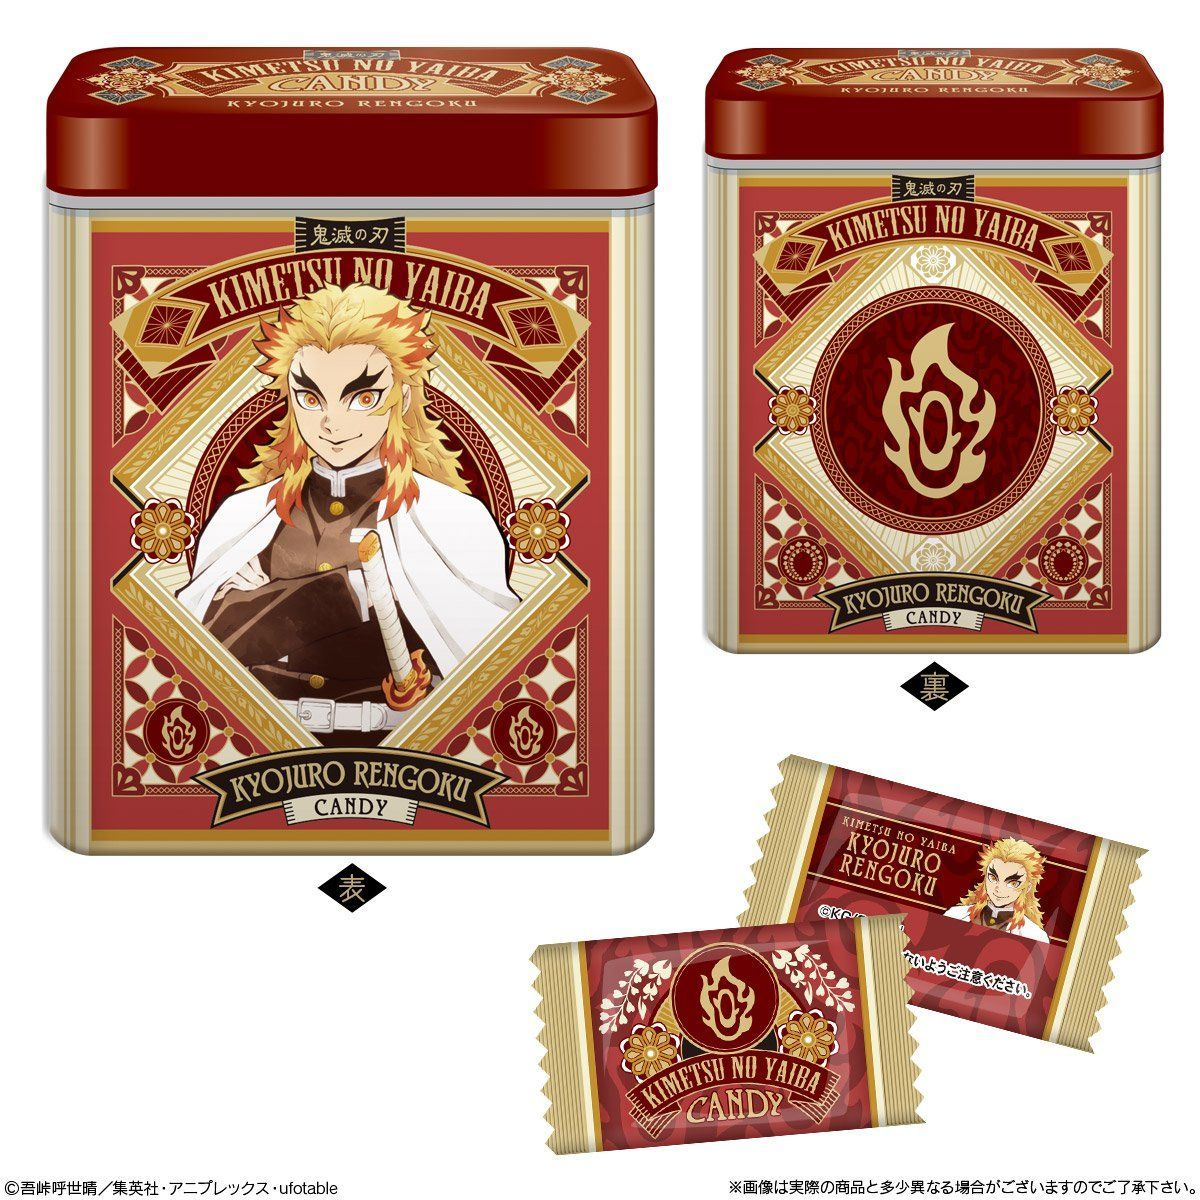 【食玩】『鬼滅の刃 CANDY缶コレクション2』12個入りBOX-010